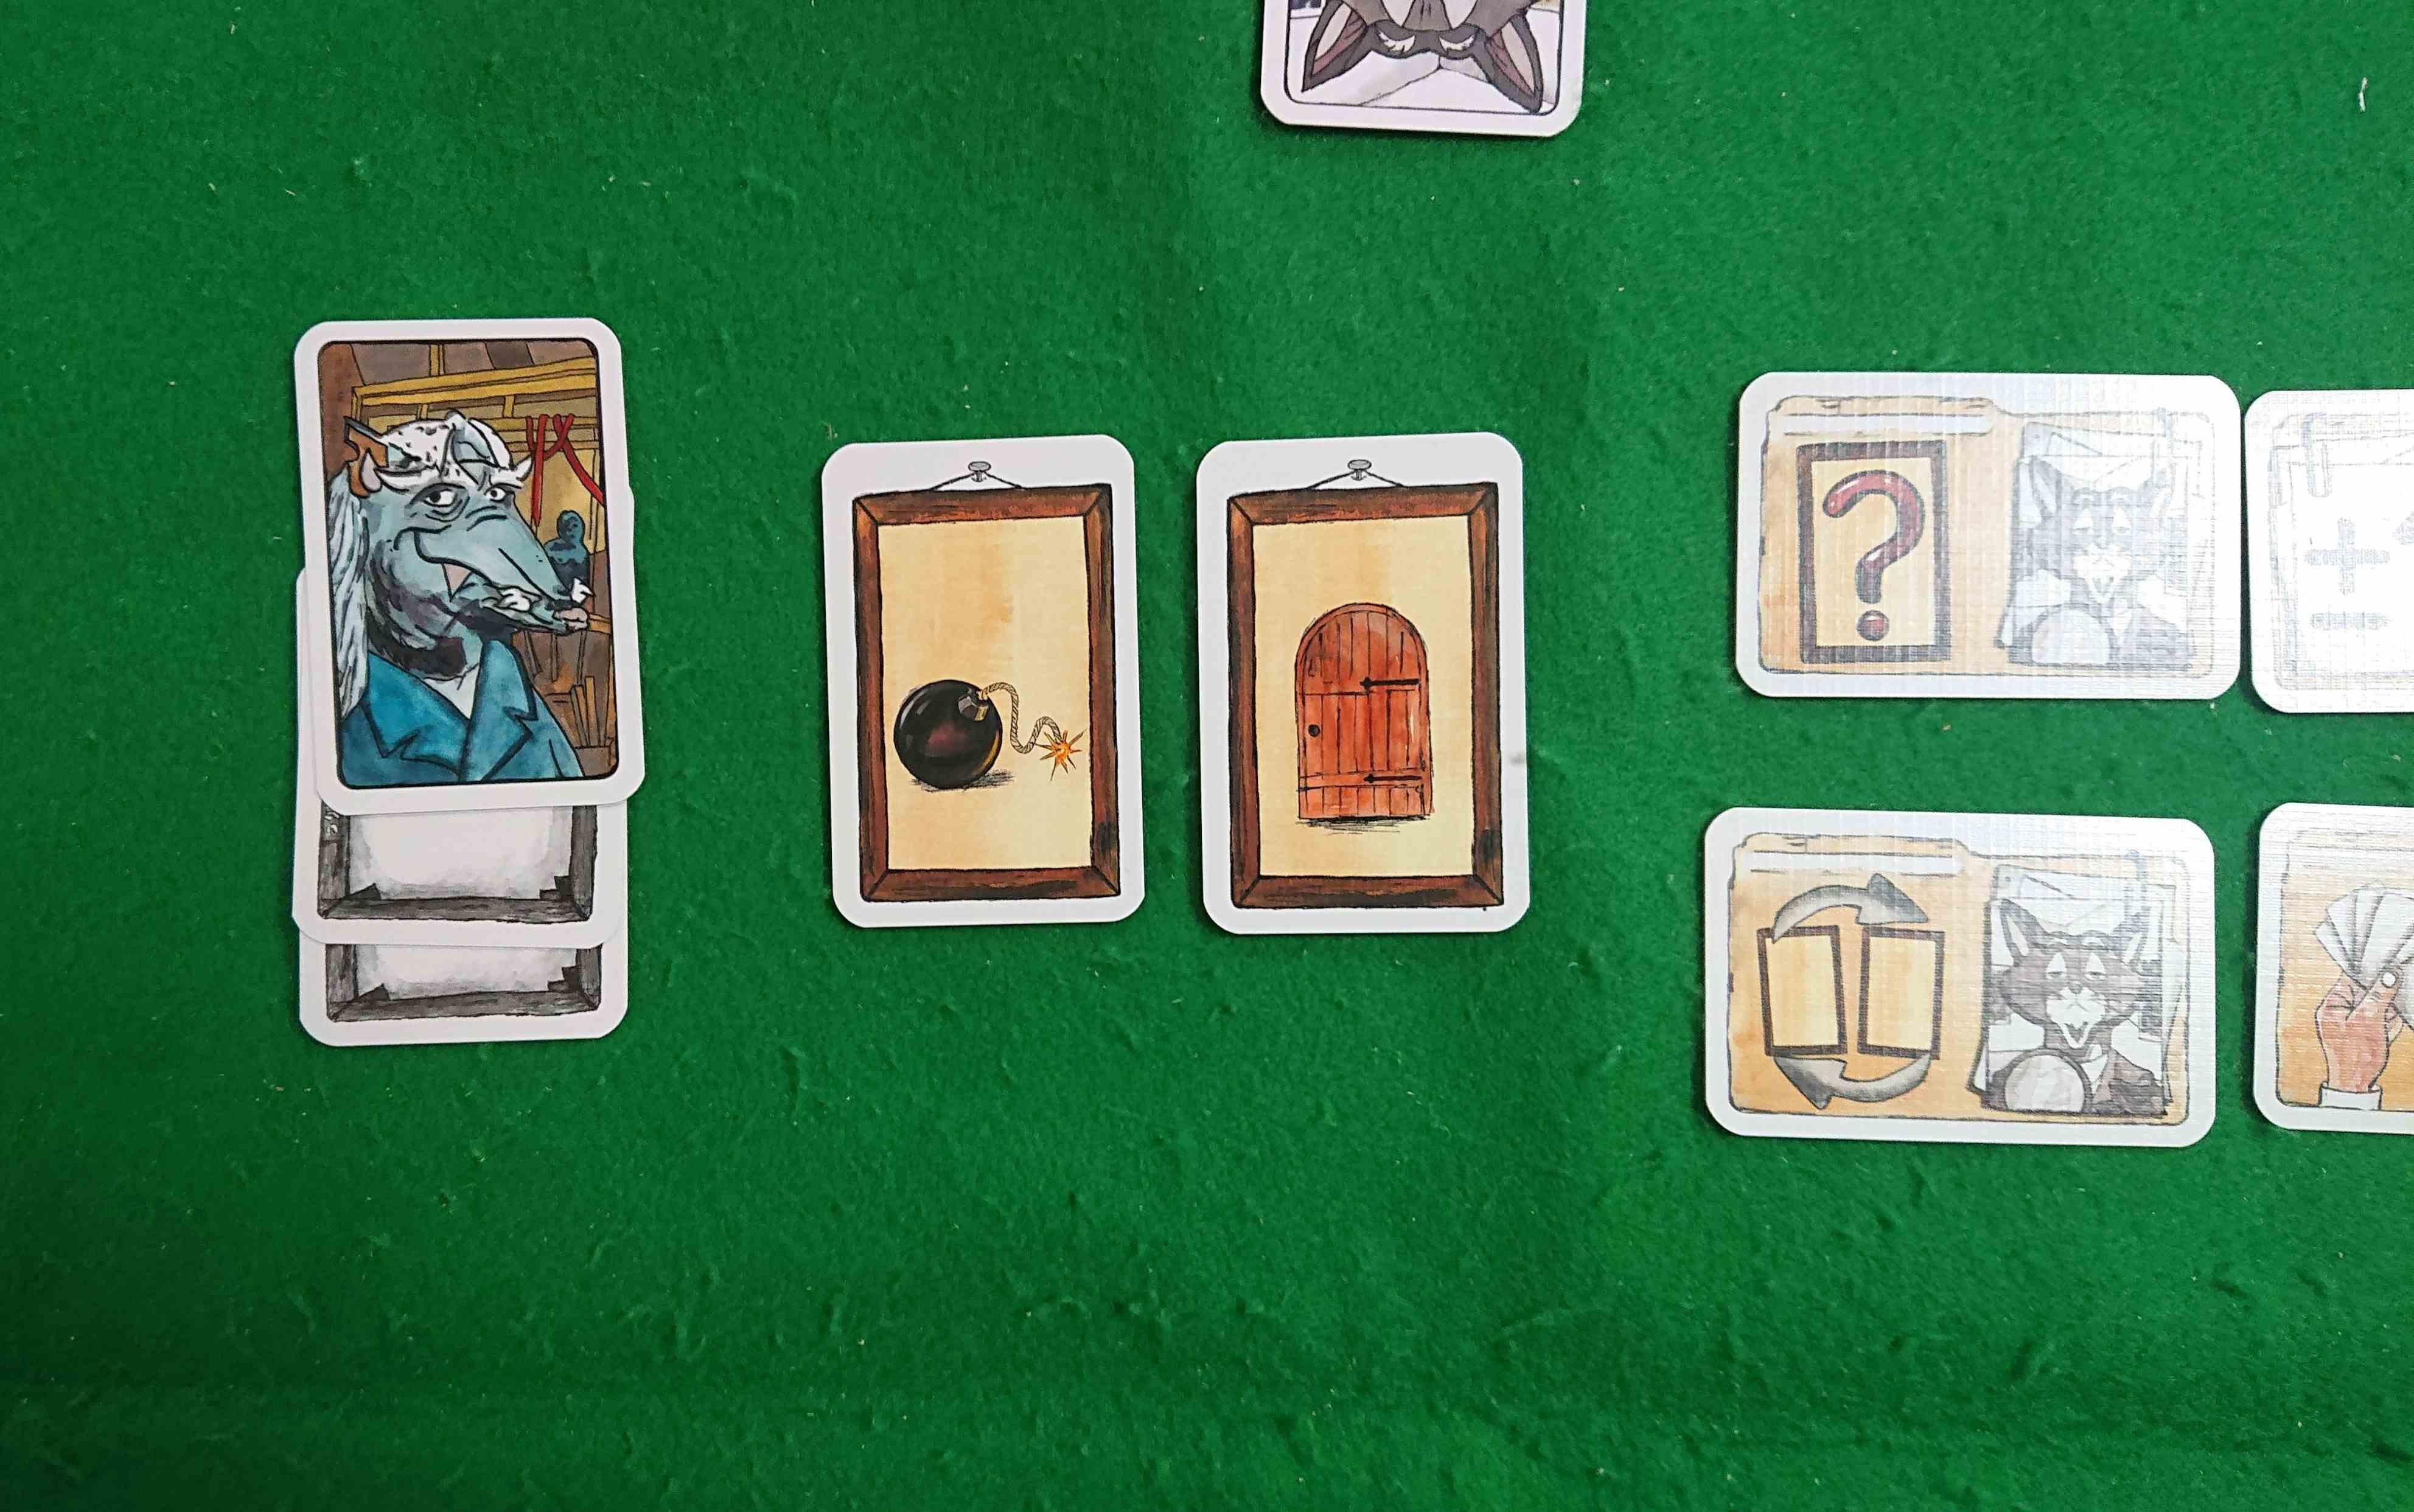 ベルラッティ 贋作を見破れ! 協力系カードゲーム ボードゲーム